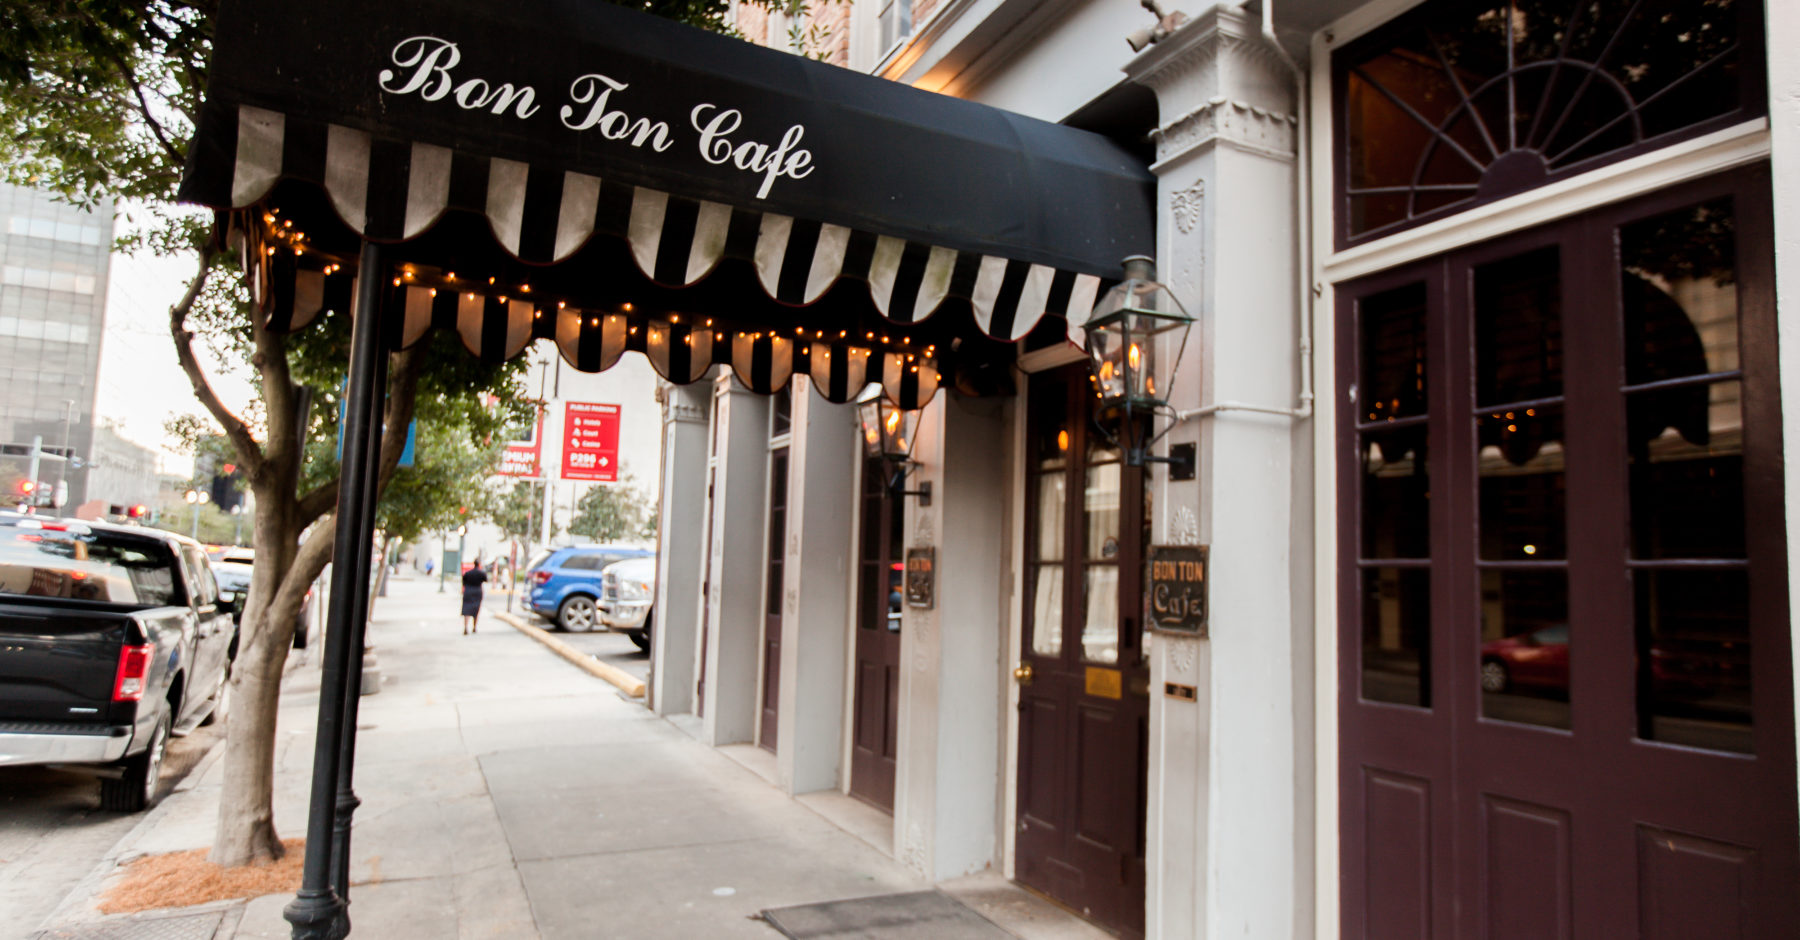 Bon Ton Cafe Exterior